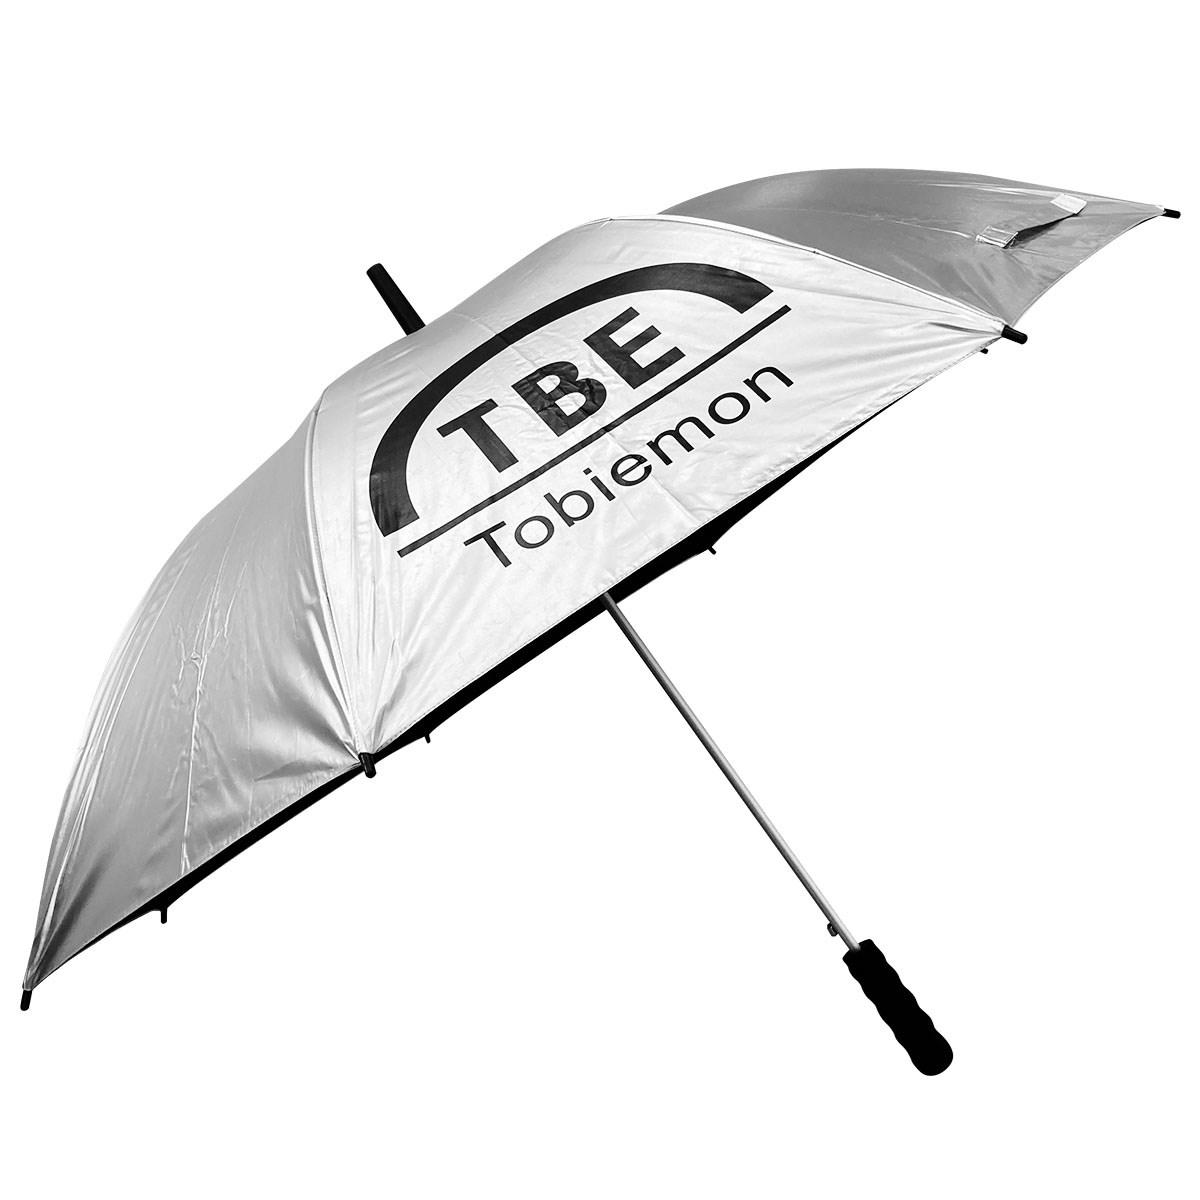 飛衛門 TOBIEMON 晴雨兼用 UVゴルフ傘 シルバー